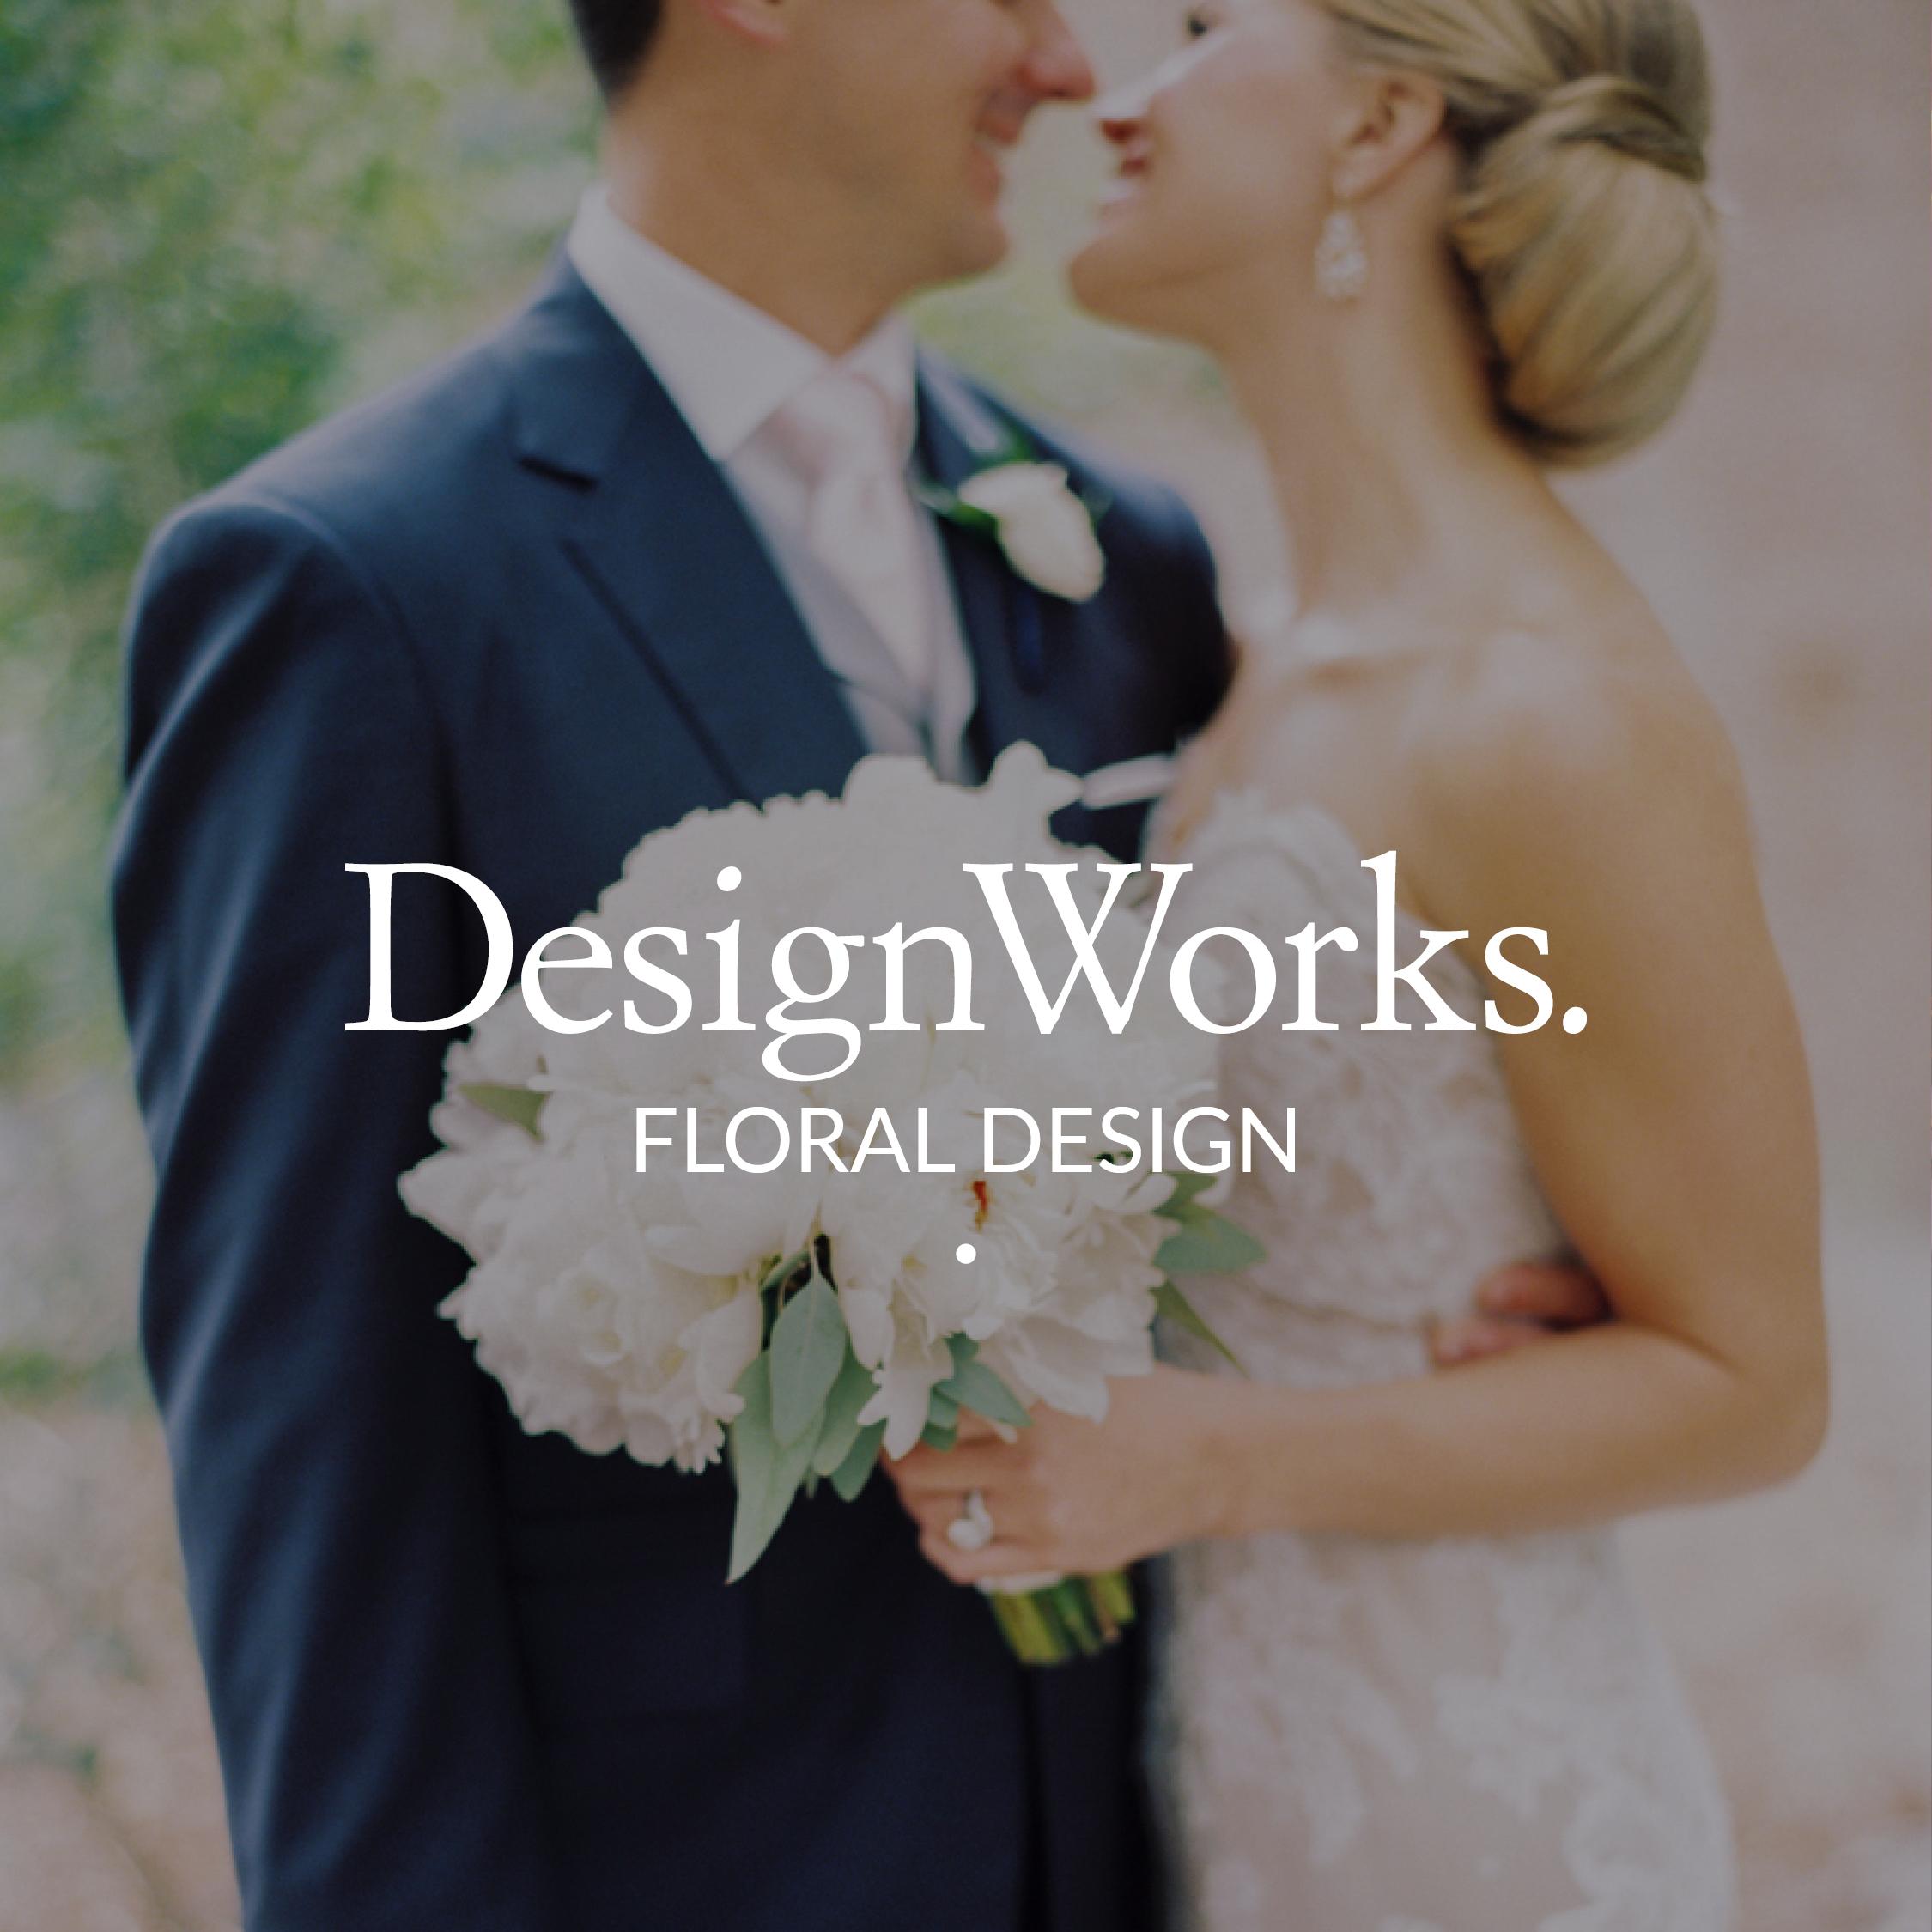 Design Works Service Floral Design